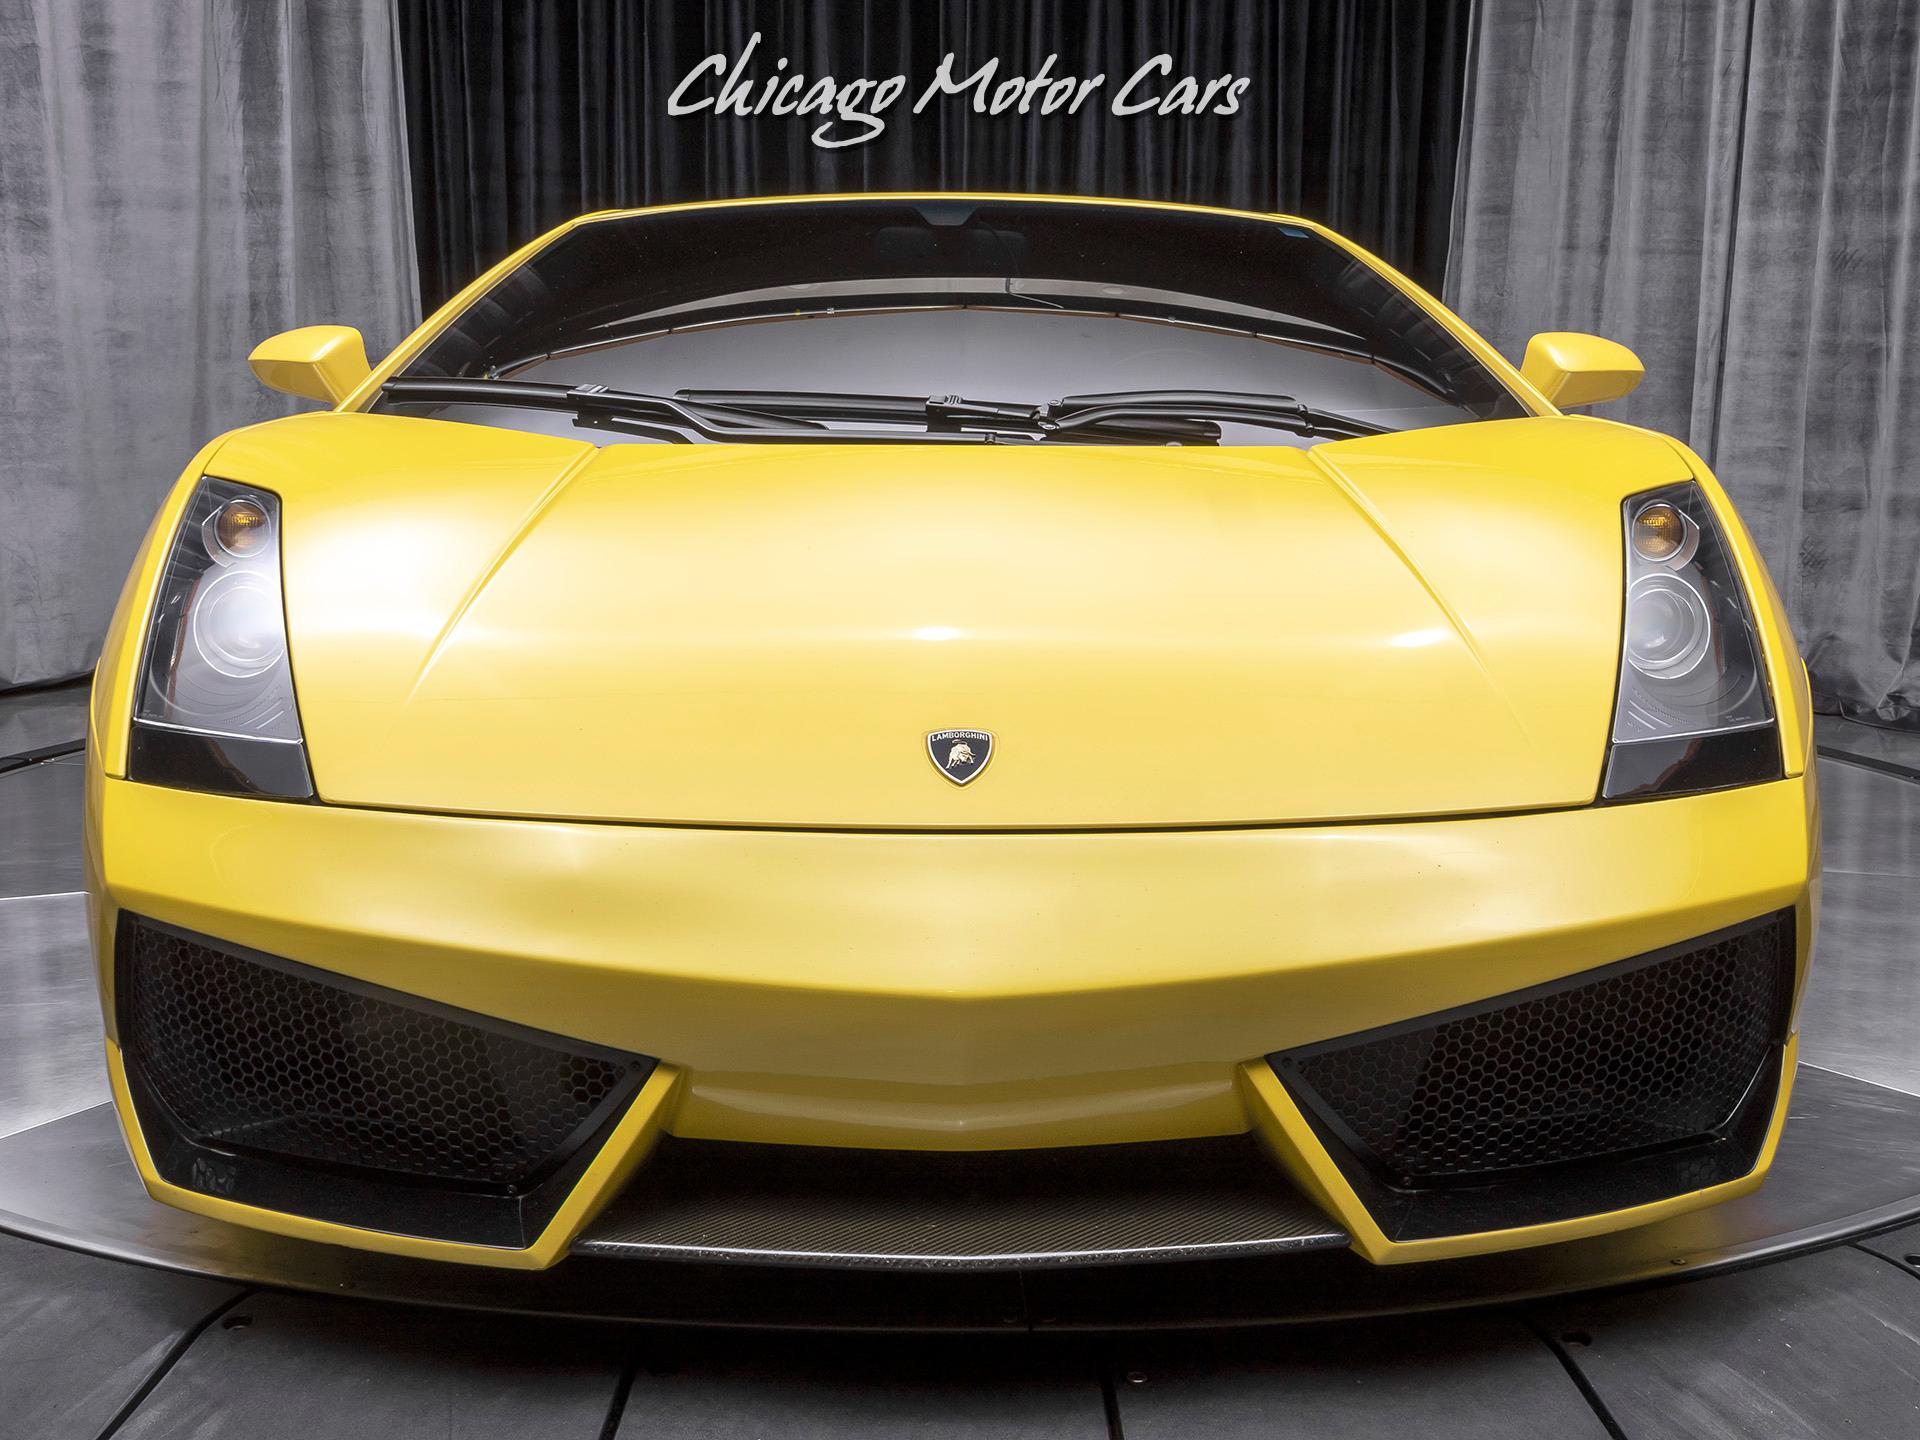 Used 2004 Lamborghini Gallardo Coupe Upgrades For Sale Special